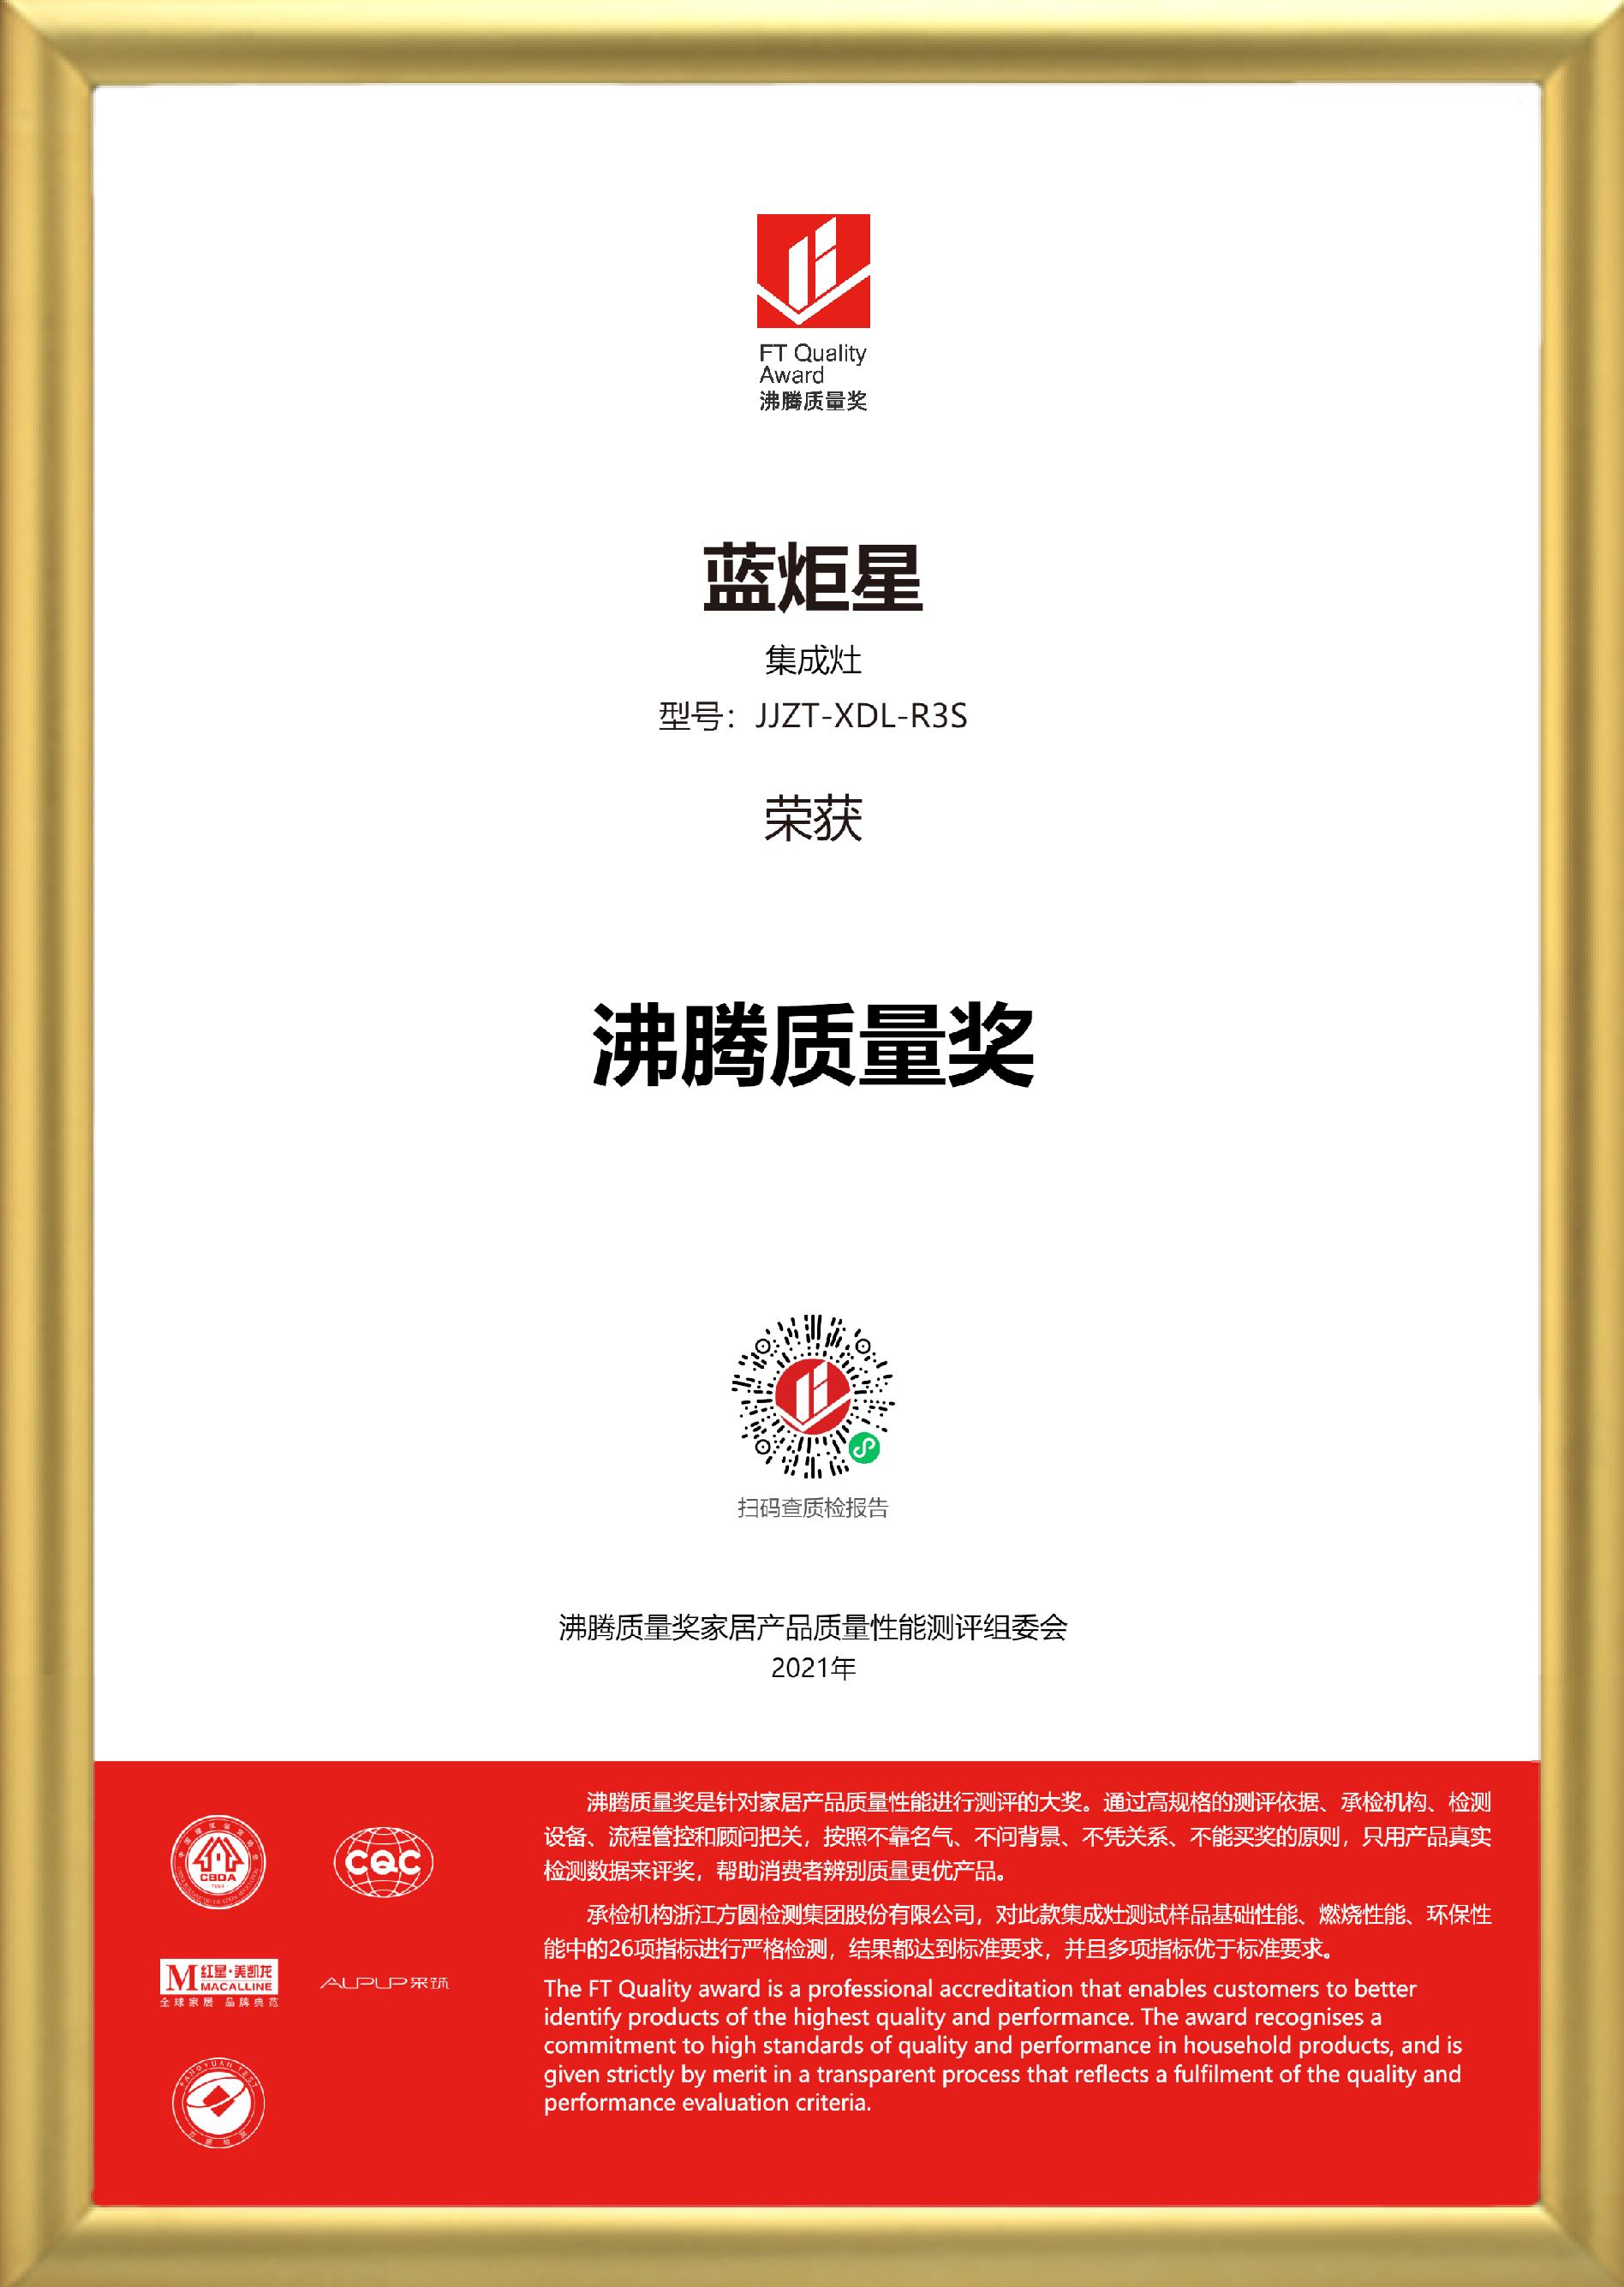 金框加持-获奖证书-蓝炬星-集成灶JJZT-XDL-R3S.png